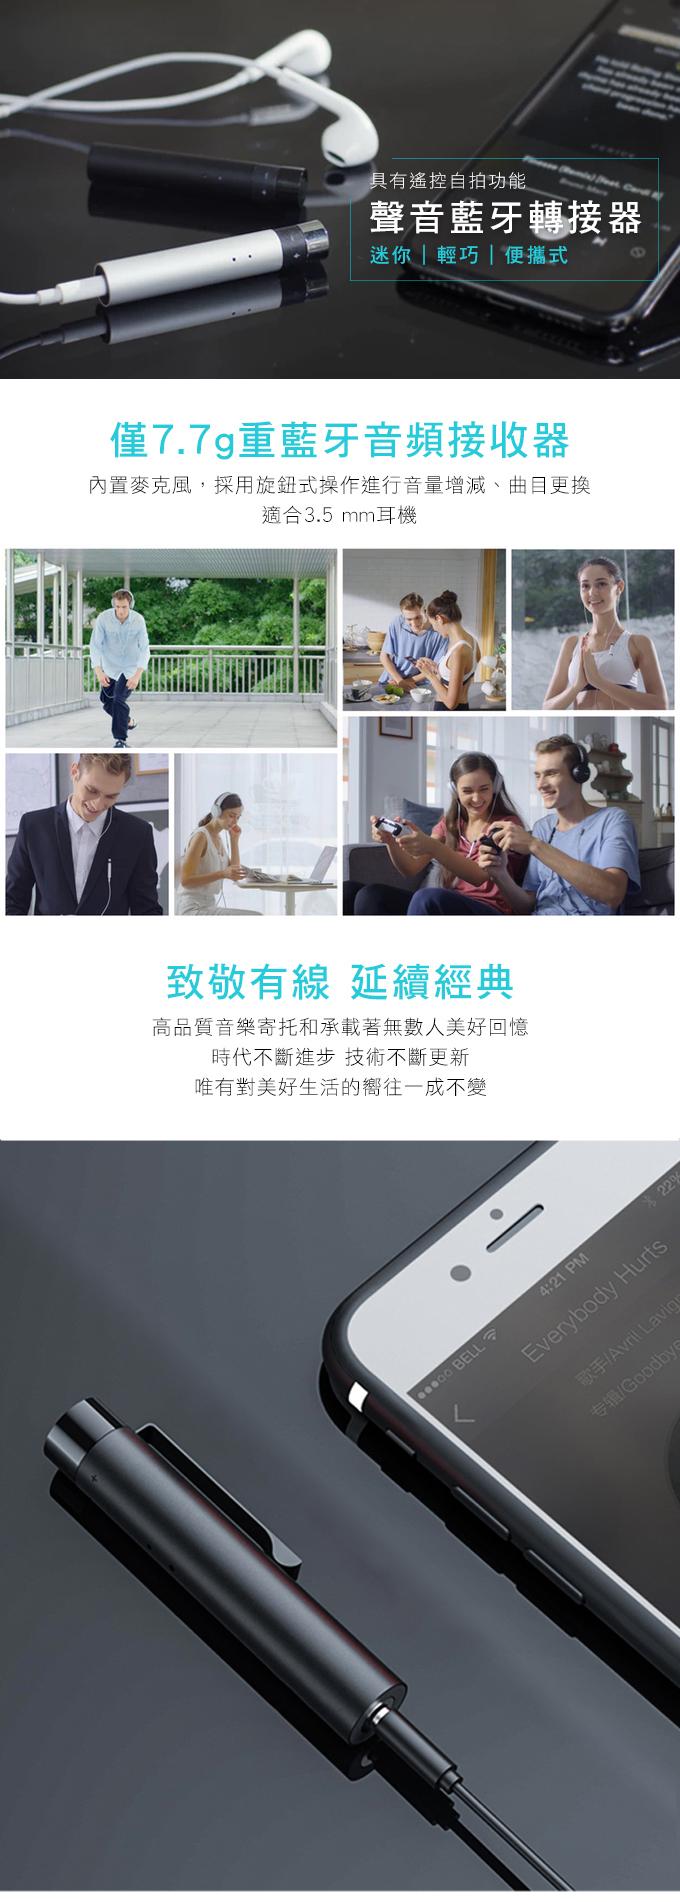 【集購】香港Blip| 獨創旋鈕式 最輕最迷你 具有遙控自拍功能的 高音質聲音藍芽轉接器